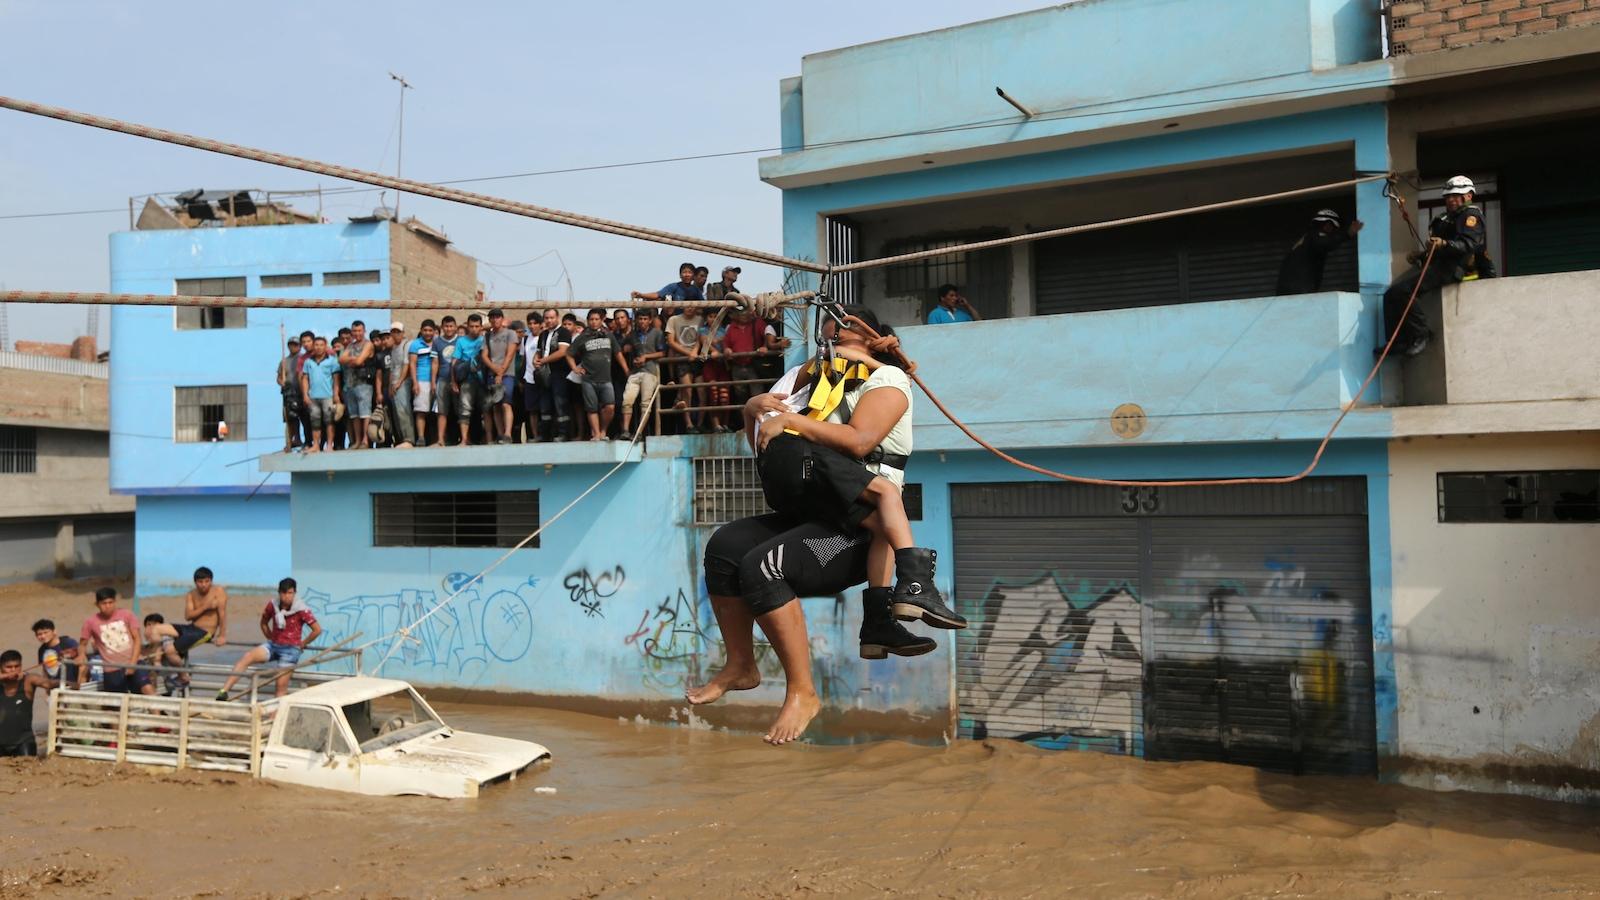 Une femme et son enfant traversent un fleuve en crue grâce à une tyrolienne installée par des secouristes